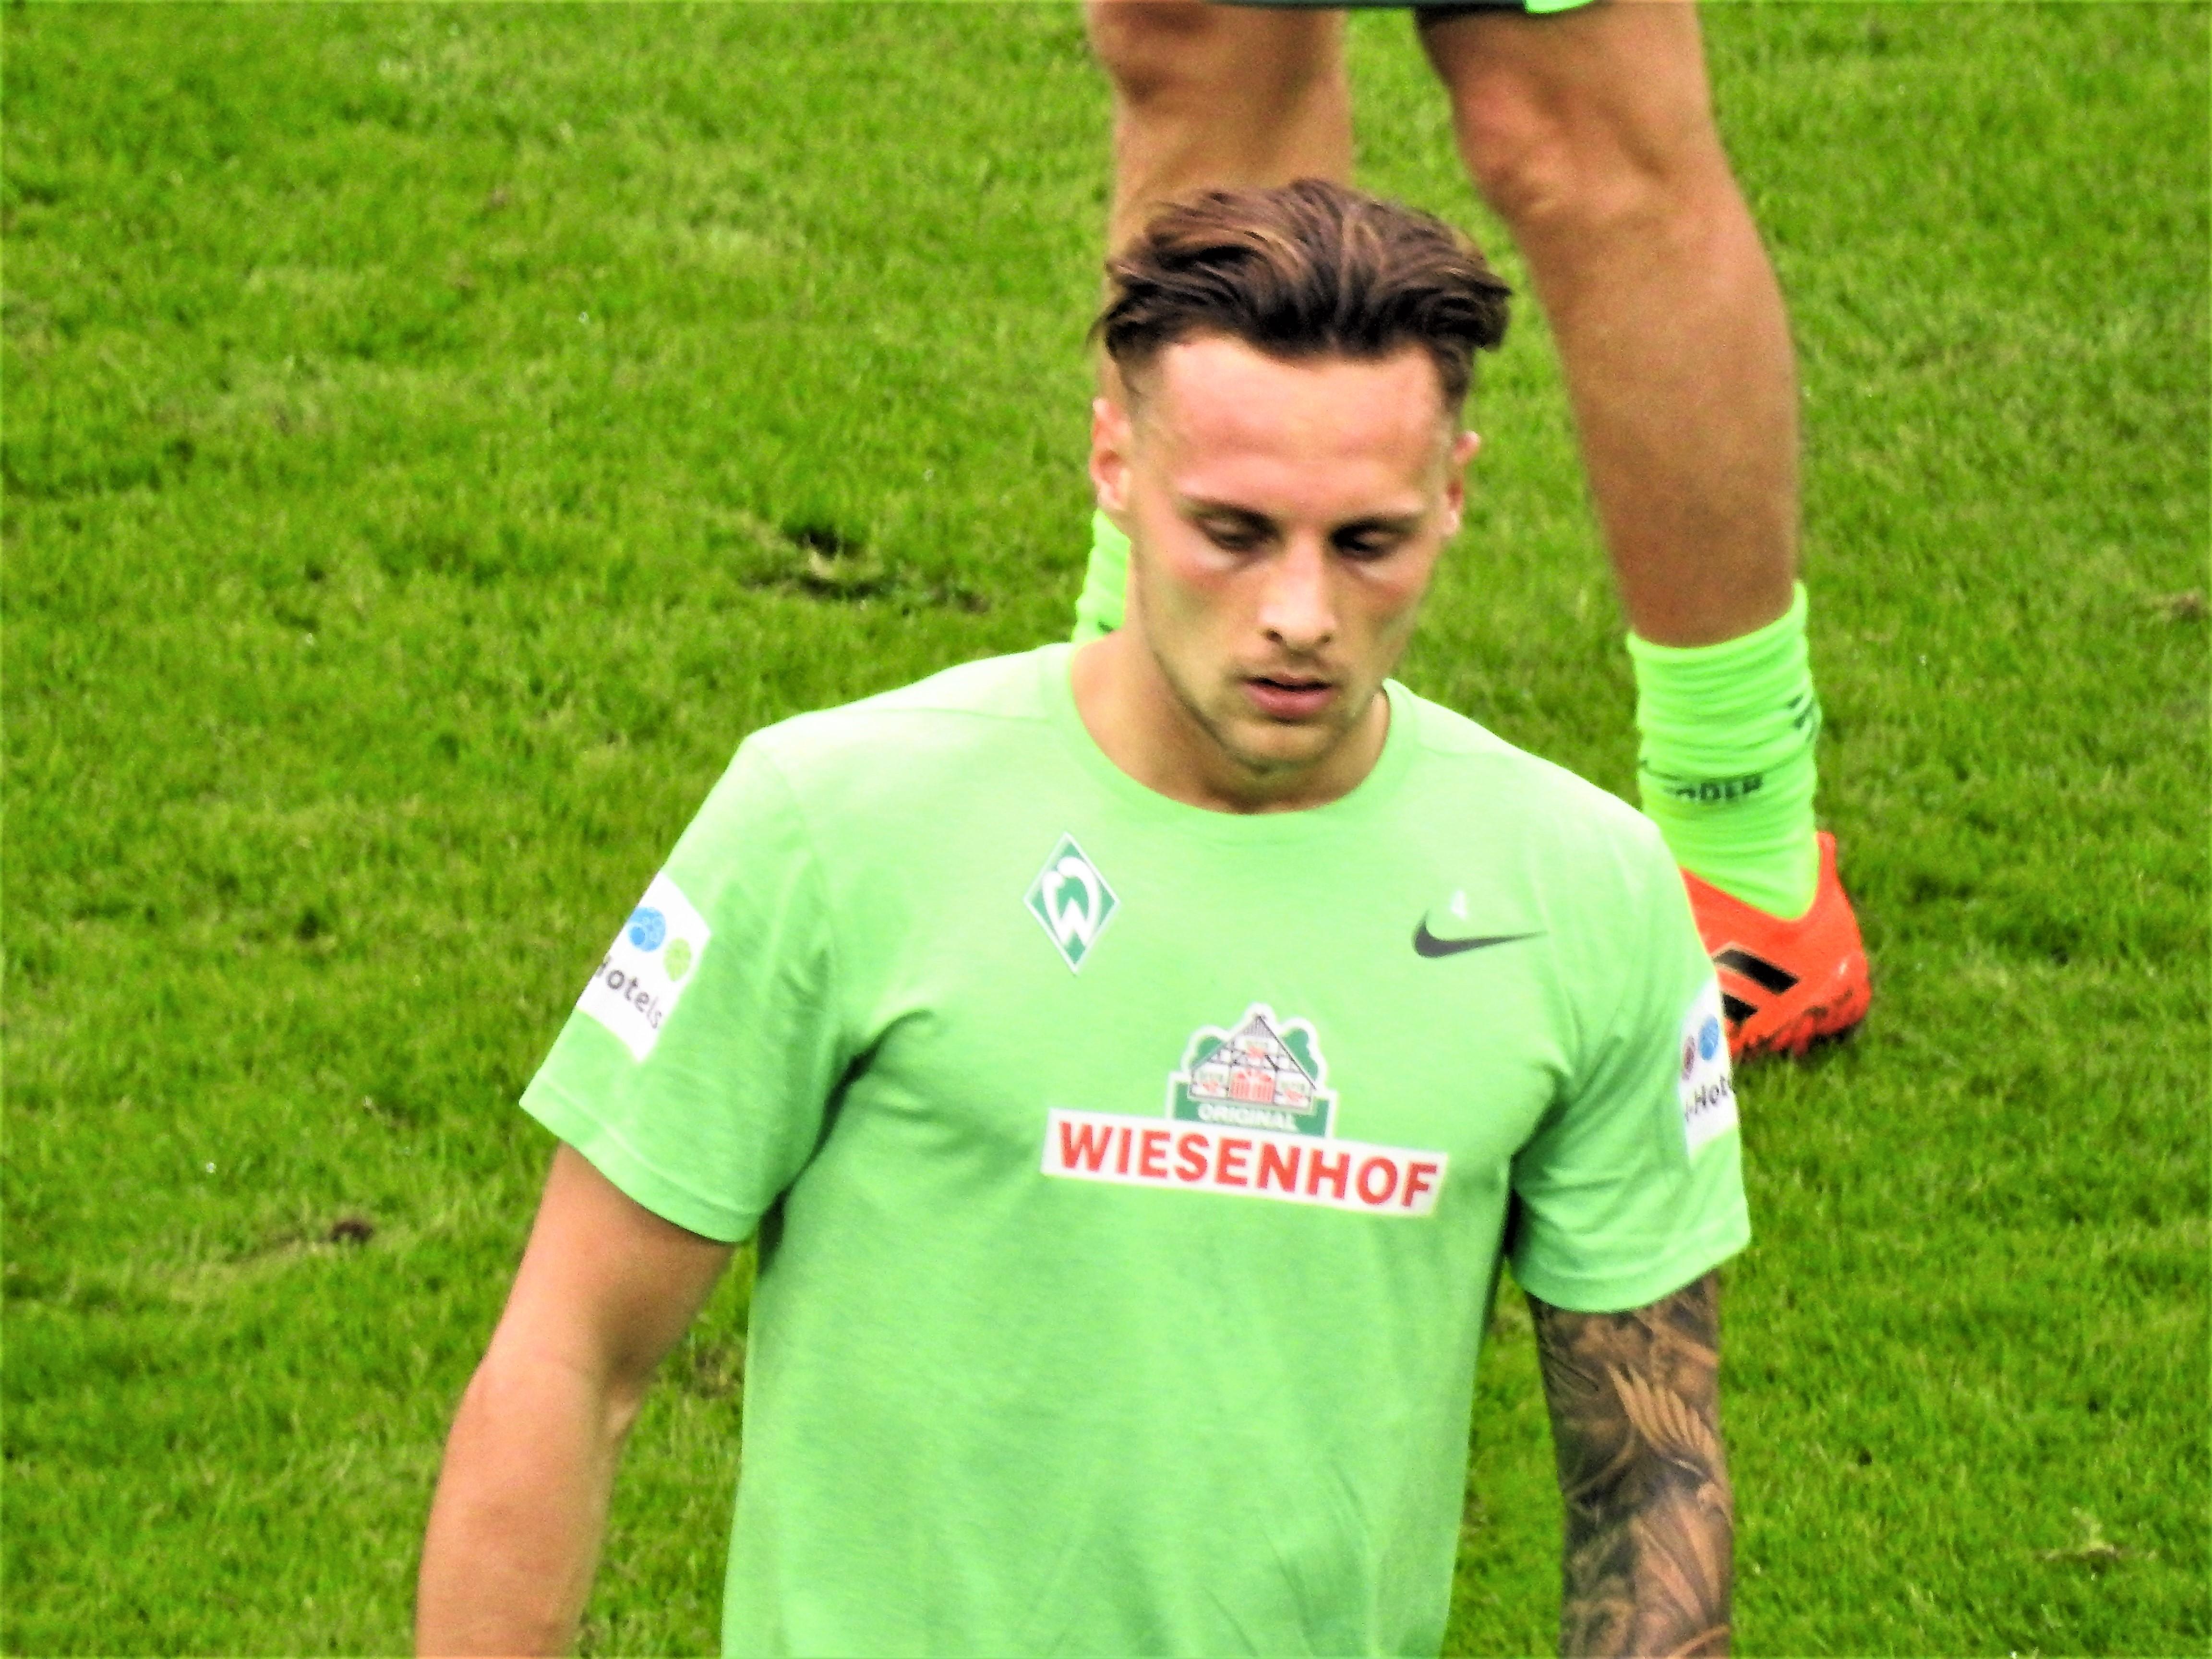 Robert Bauer (footballer) - Wikipedia